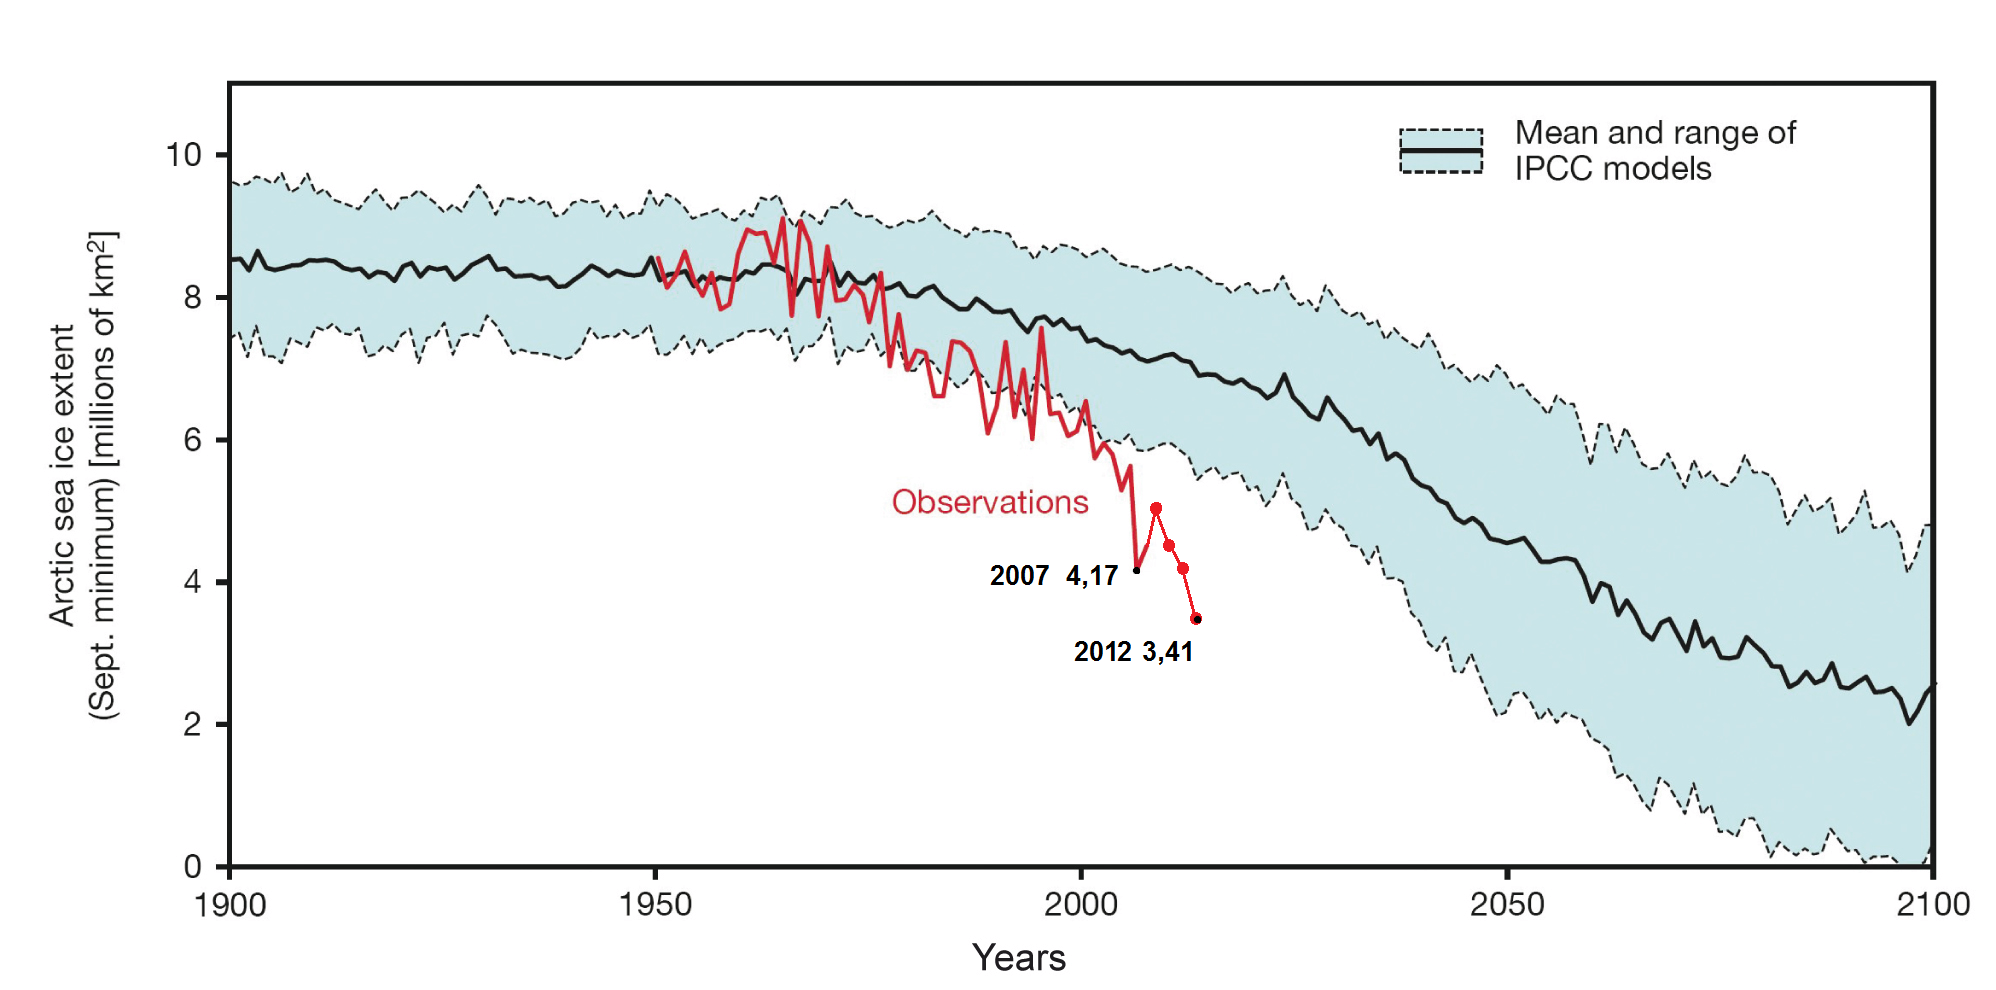 Kuvassa nähdään punaisella viivalla havaittu  jään pinta-ala Pohjoisella Jäämerellä syyskuussa. Vaaleansininen varjostettu alue kuvaa eri ennusteiden vaihteluväliä. Kuvasta nähdään kuinka havainto on jo useamman vuoden ajan kulkenut ennustehaitarin ulkopuolella. Tämä siis tarkoittaa, että ennusteissa on mitä todennäköisemmin jotain pielessä. Lähde: Allison et al. (2009) - See more at: http://blogi.foreca.fi/2013/04/mita-ilmastonmuutokselle-oikein-on-tapahtunut/#sthash.i2cocePK.dpuf